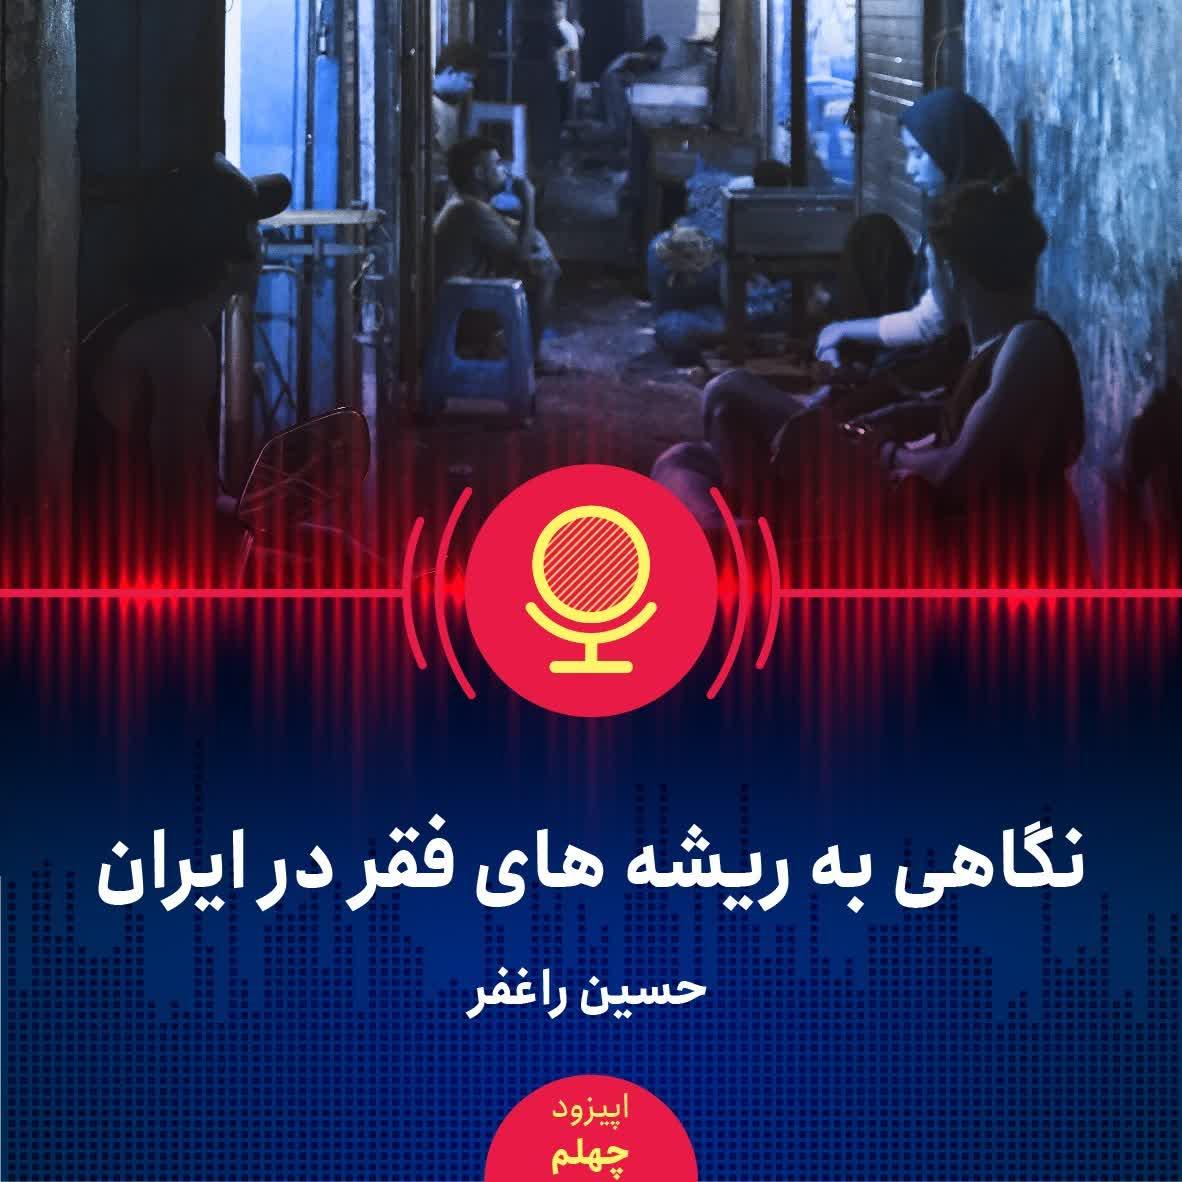 نگاهی به ریشههای فقر در ایران